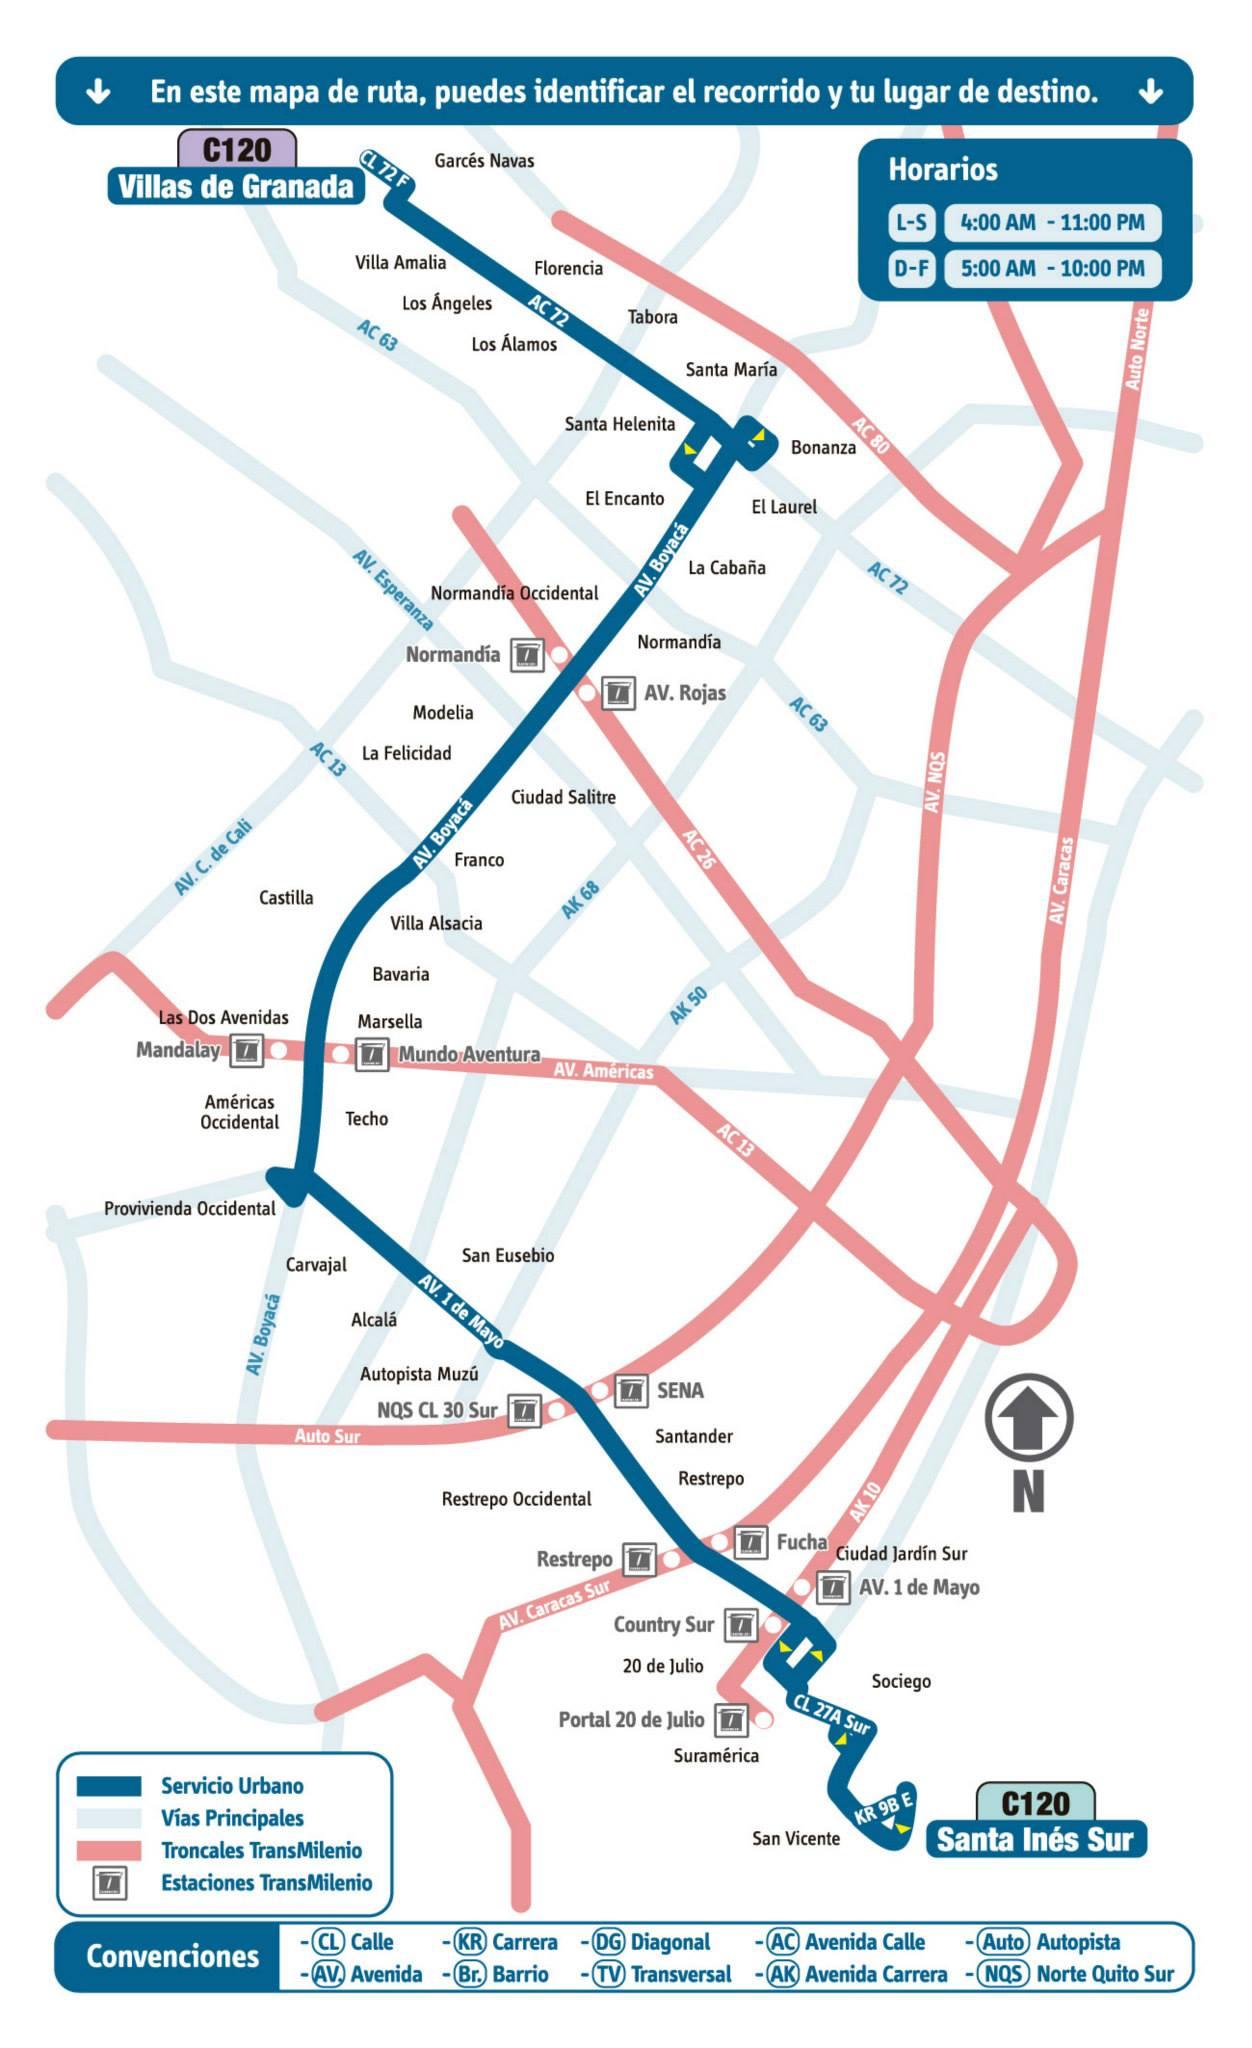 Mapa esquemático ruta urbana C120